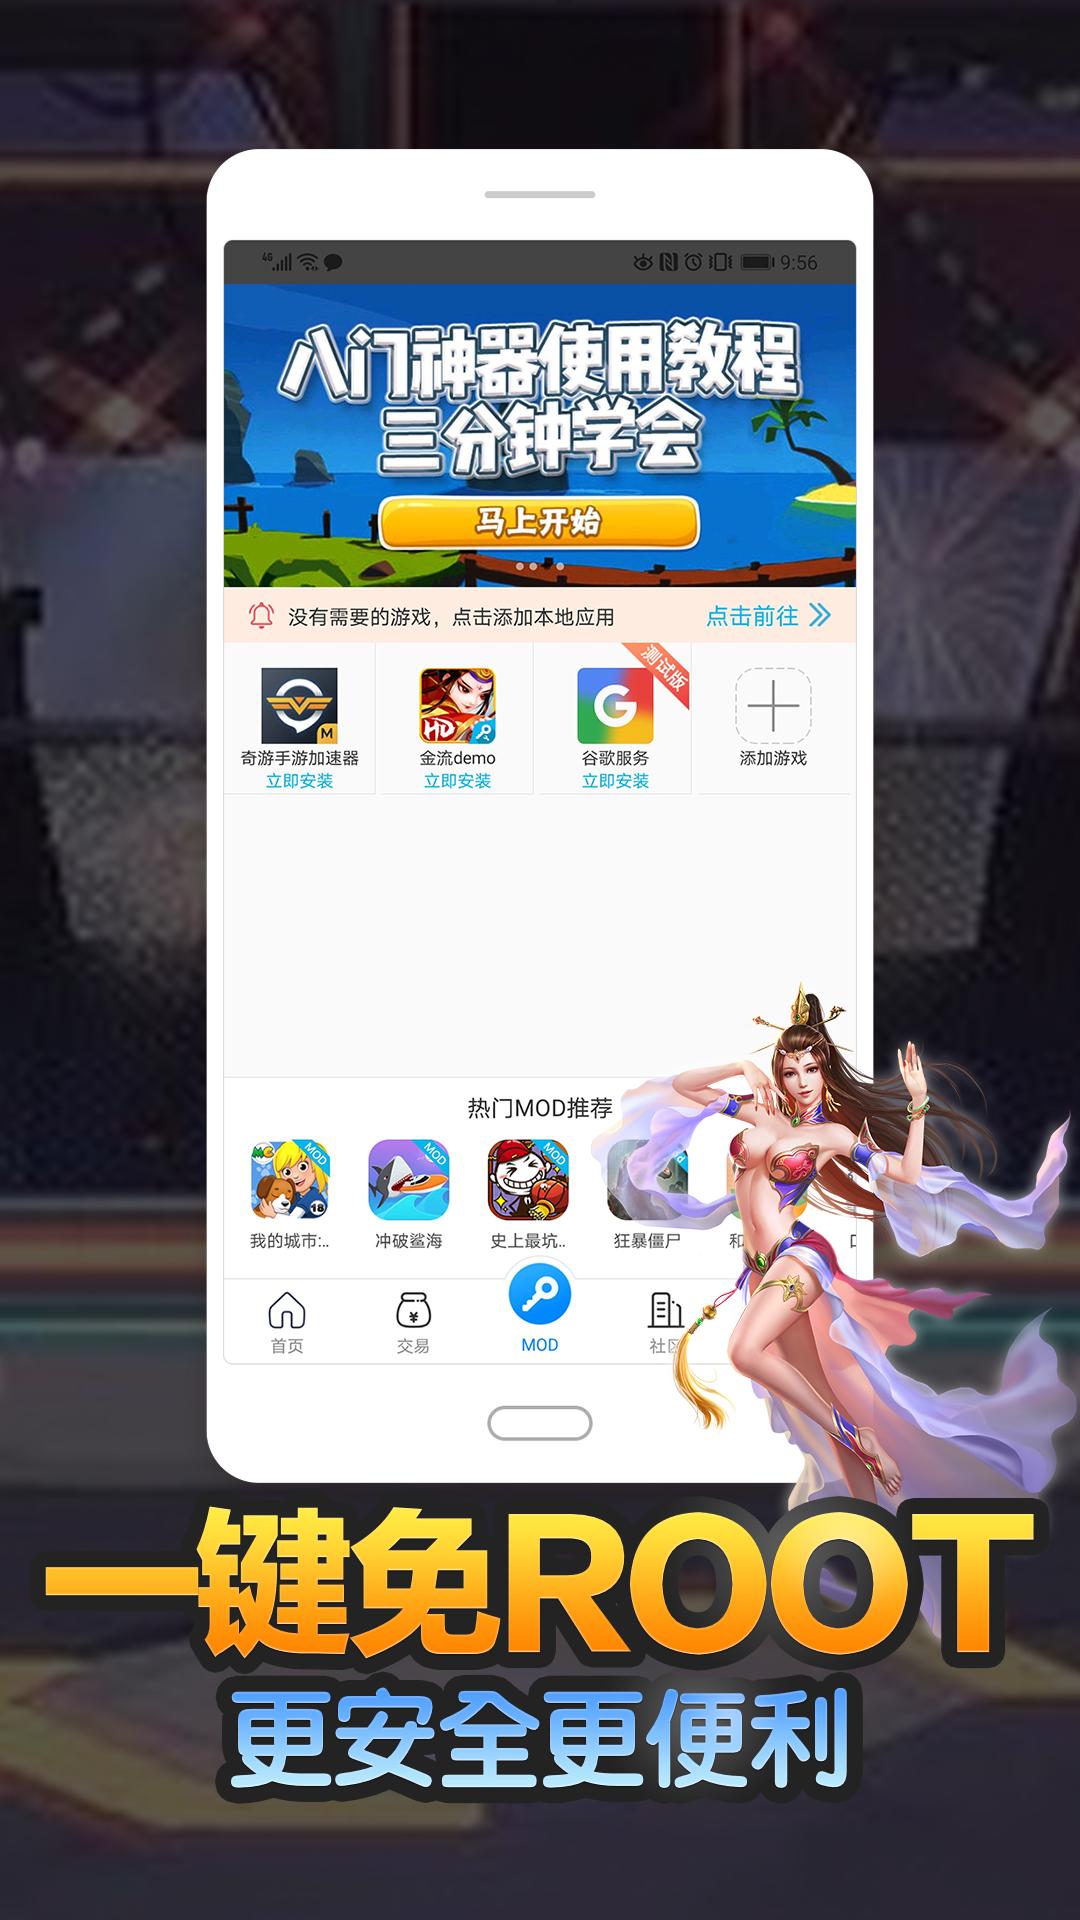 八门神器无广告版 V3.8.1 安卓版截图1